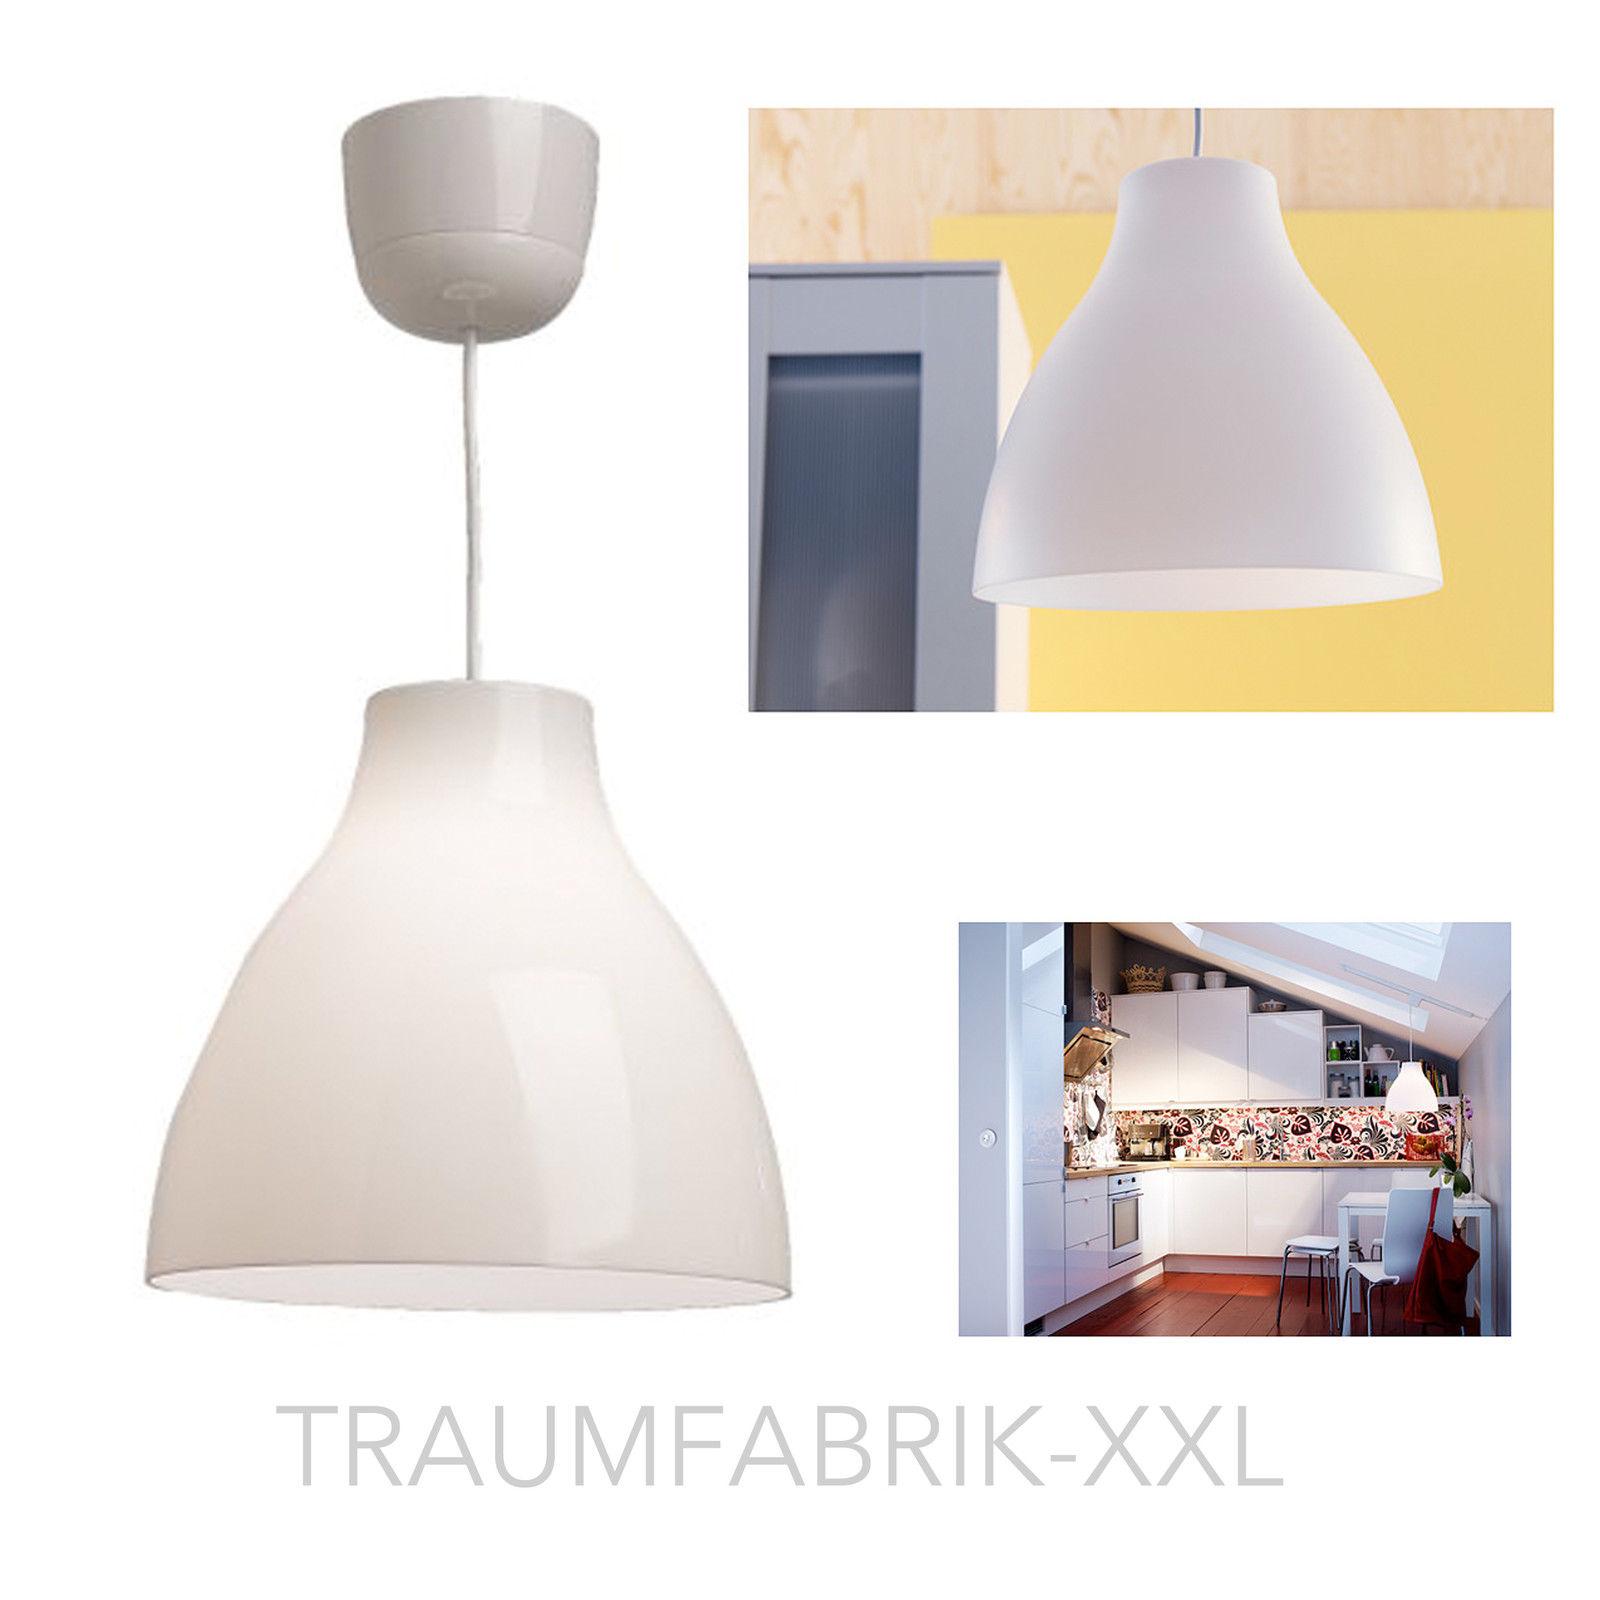 xl lampe leuchte deckenleuchte h ngelampe h ngeleuchte deckenlampe weiss neu ovp traumfabrik xxl. Black Bedroom Furniture Sets. Home Design Ideas